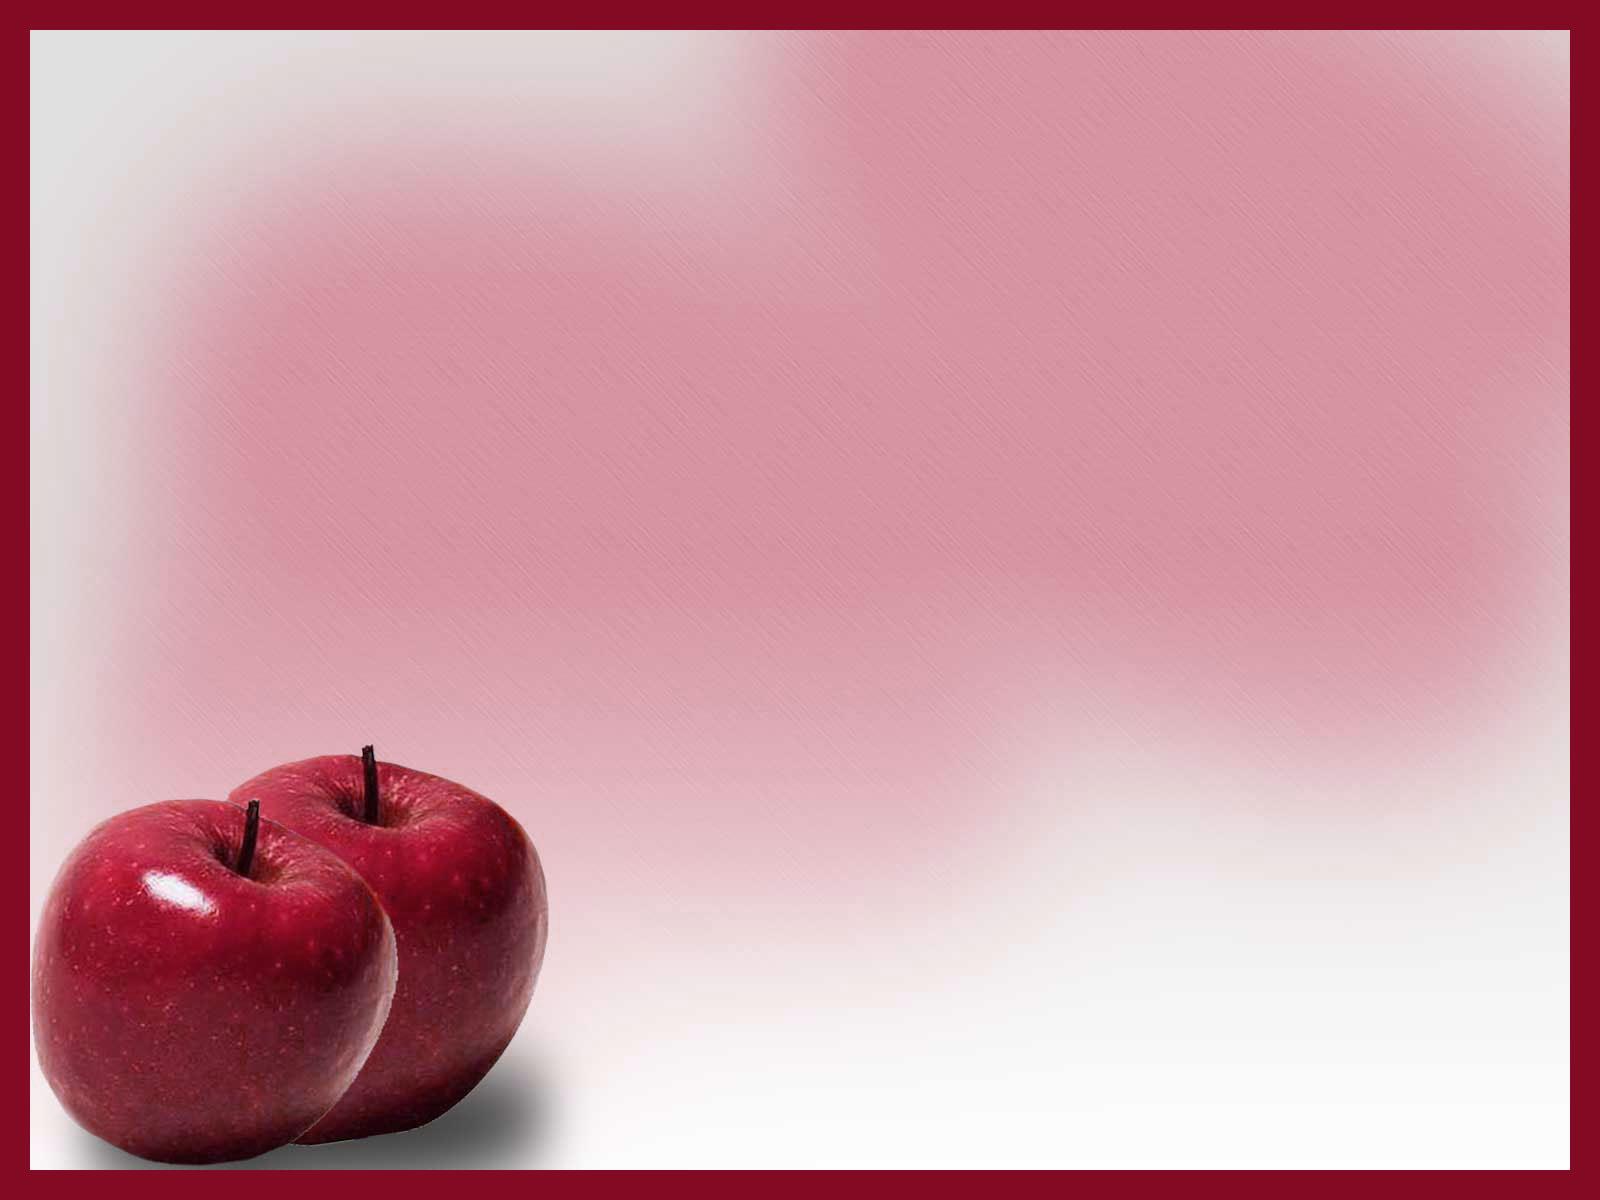 Dark red red apple powerpoint template download toneelgroepblik Choice Image